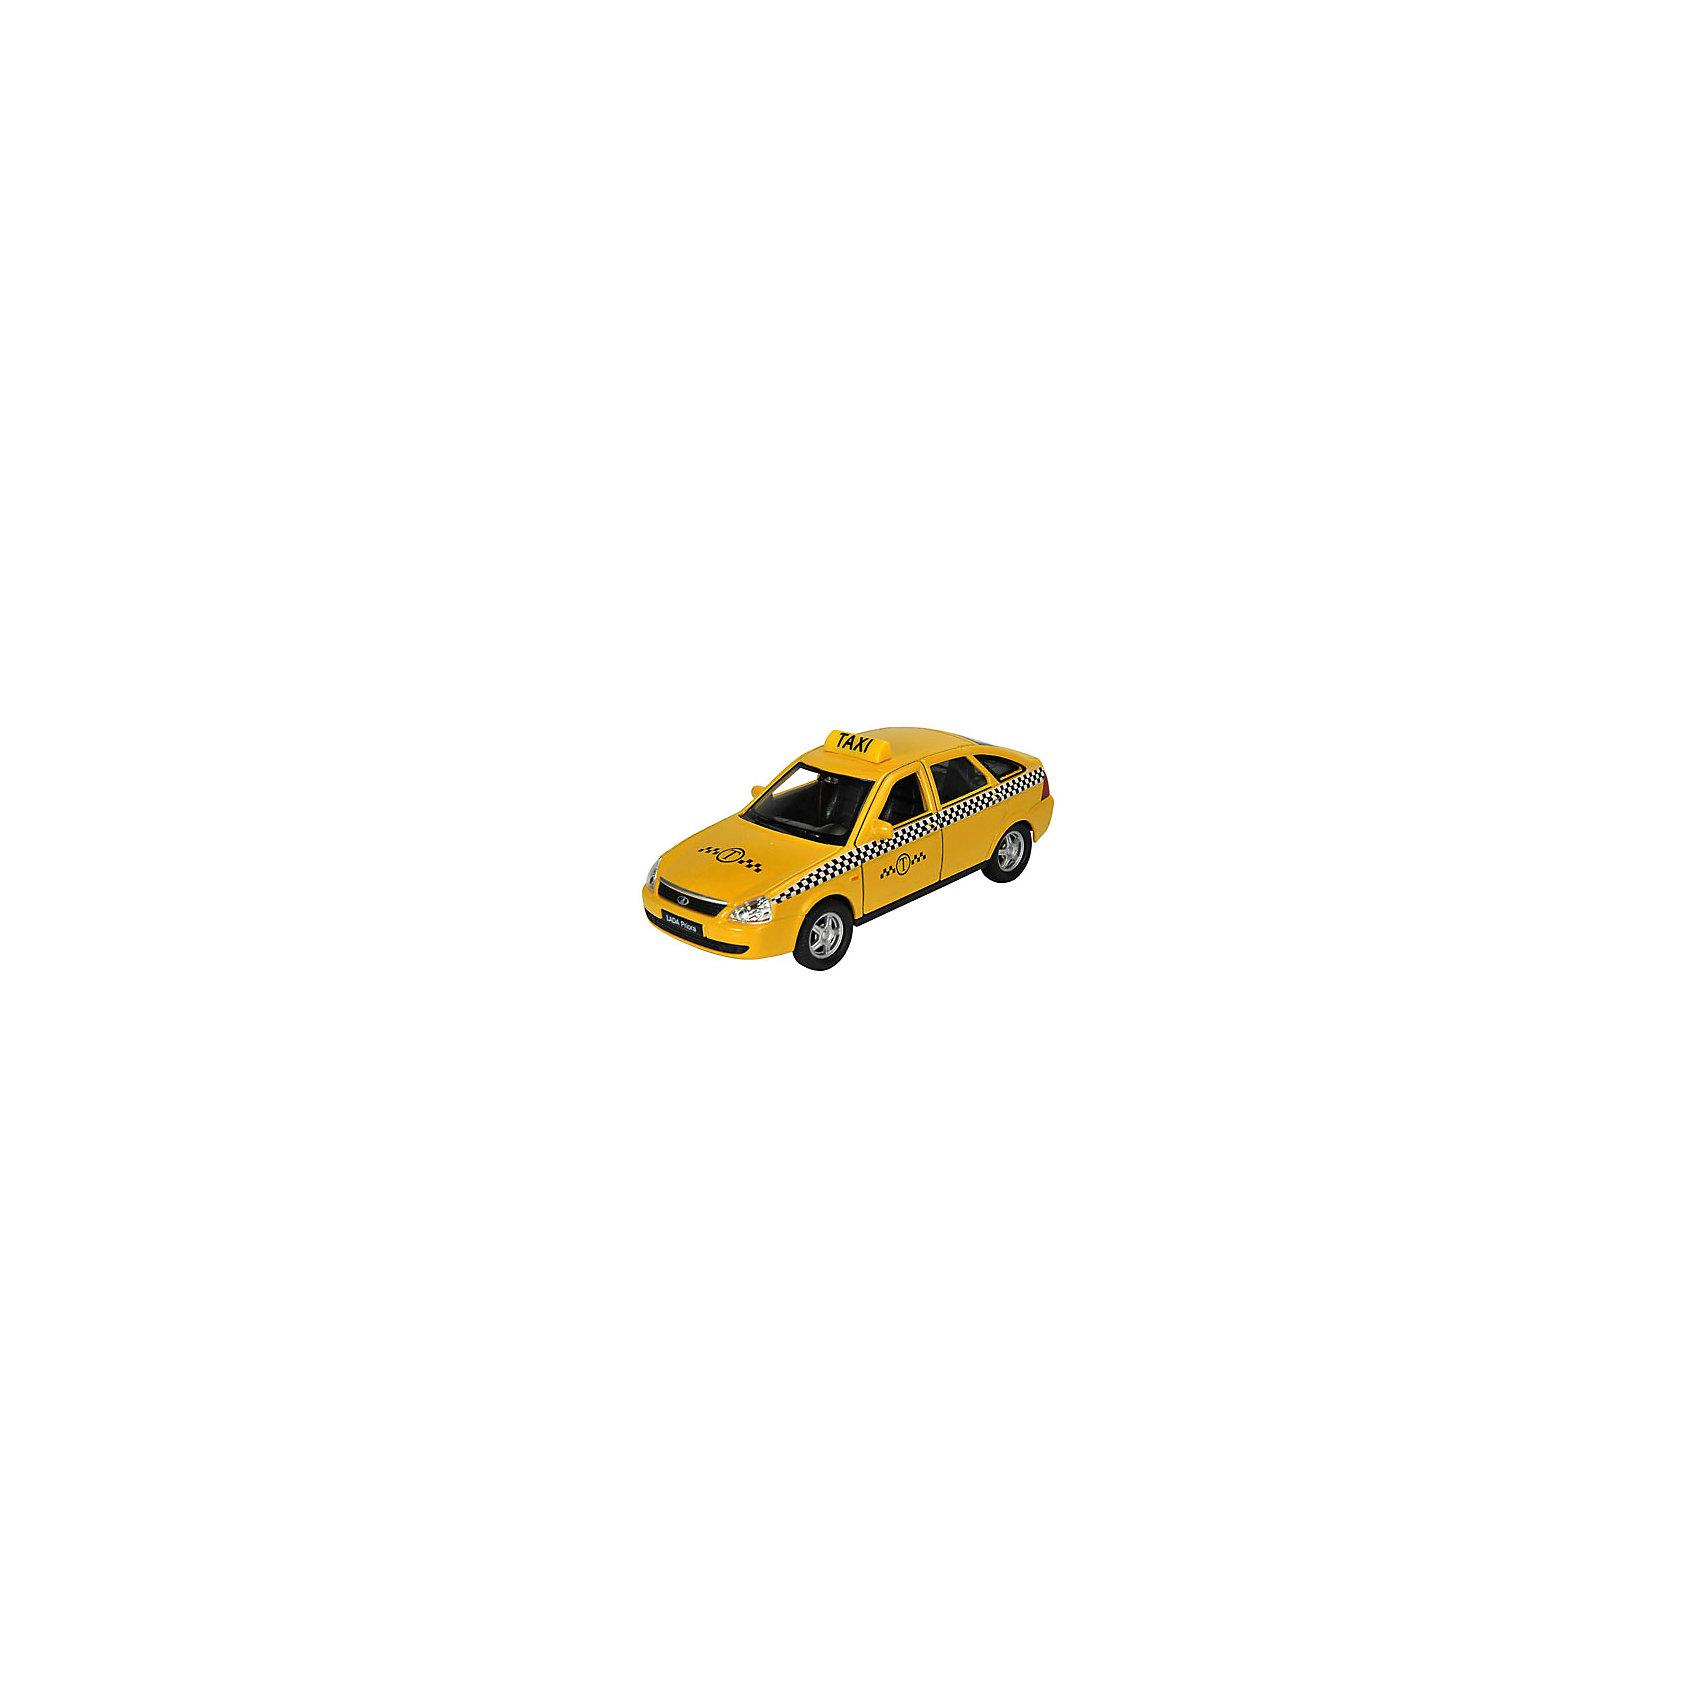 Модель машины  1:34-39 LADA PRIORA ТАКСИ, WellyМашинки<br>Коллекционная модель машины Welly  1:34-39 LADA PRIORA ТАКСИ.<br>Цвет кузова автомобиля представлен в ассортименте. Выбрать определенный цвет заранее не представляется возможным.<br><br>Ширина мм: 60<br>Глубина мм: 115<br>Высота мм: 145<br>Вес г: 161<br>Возраст от месяцев: 36<br>Возраст до месяцев: 192<br>Пол: Мужской<br>Возраст: Детский<br>SKU: 4966535